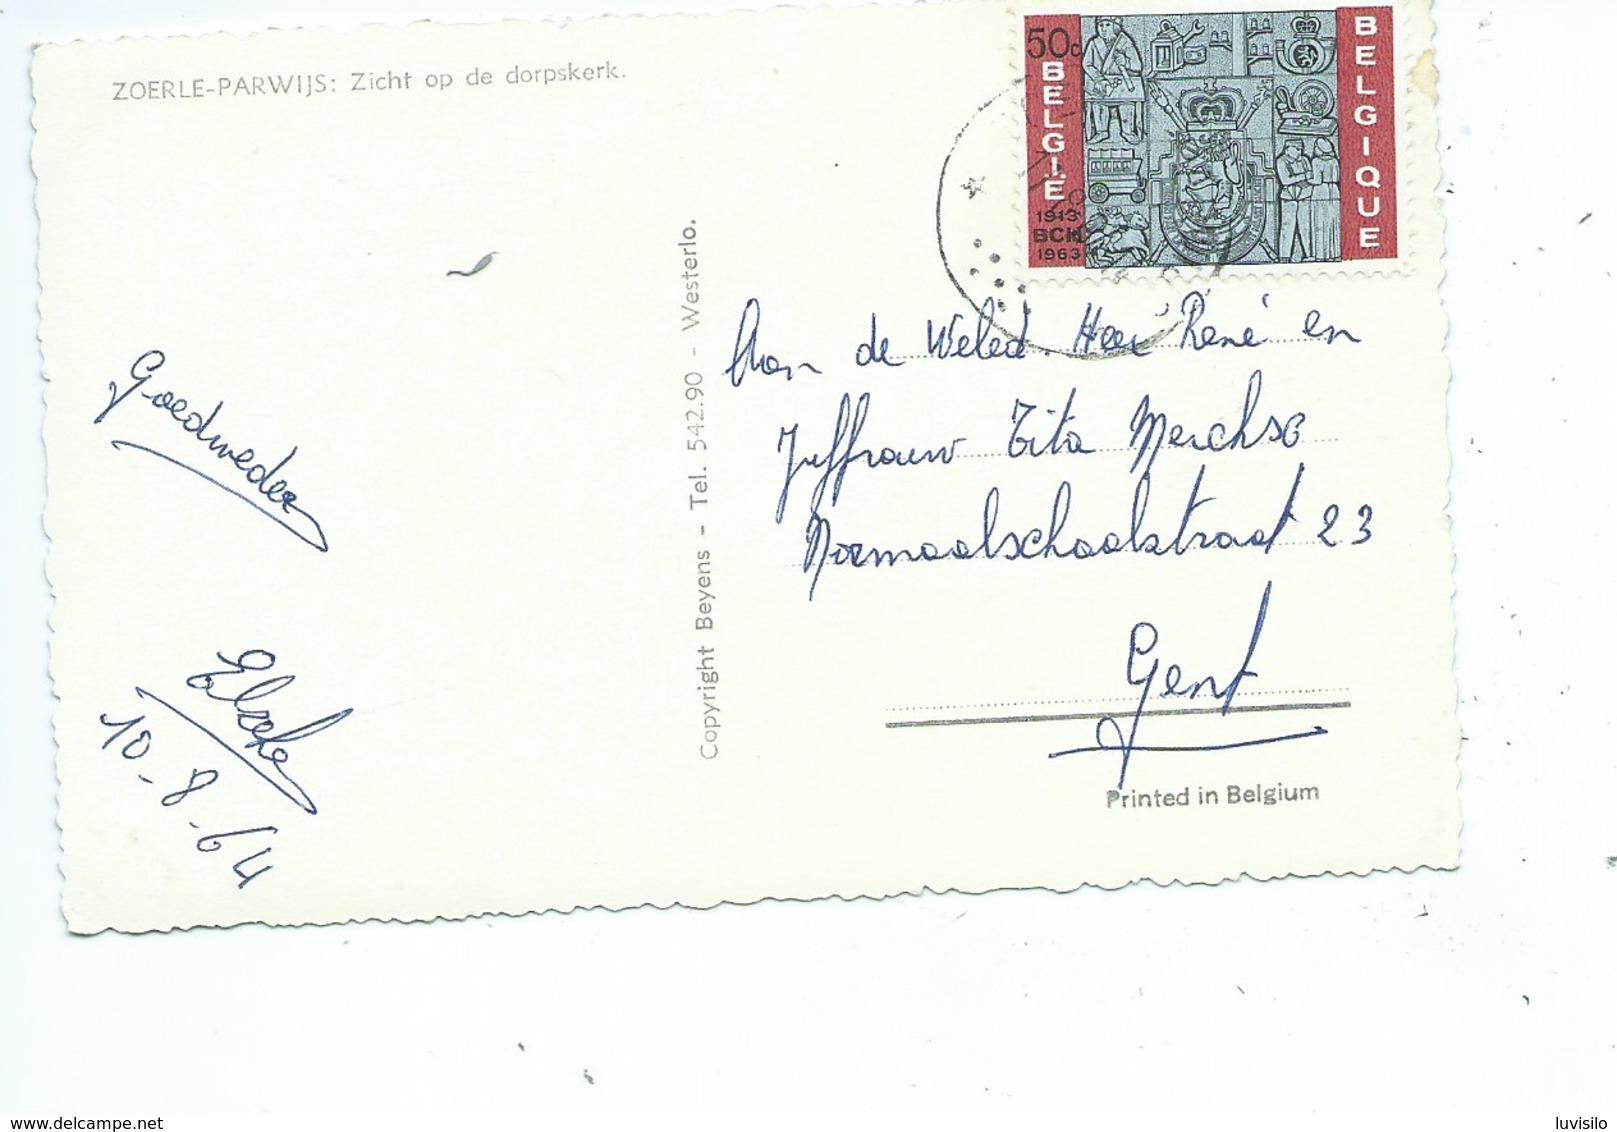 Zoerle Parwijs Zicht Op De Dorpskerk - Westerlo